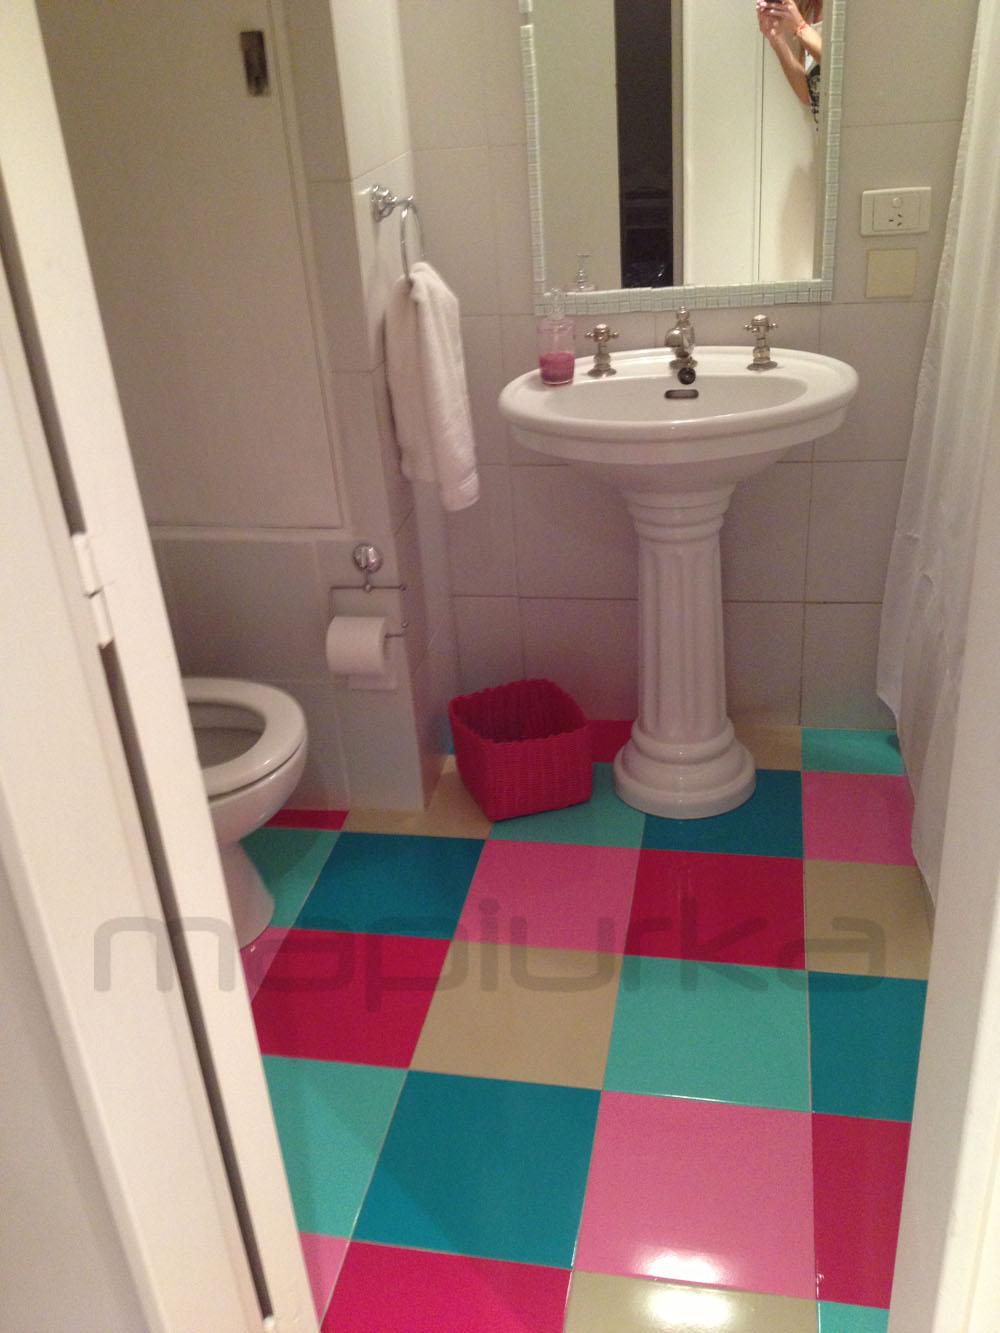 Piso Para Baño Verde:Bathroom Tile Texture